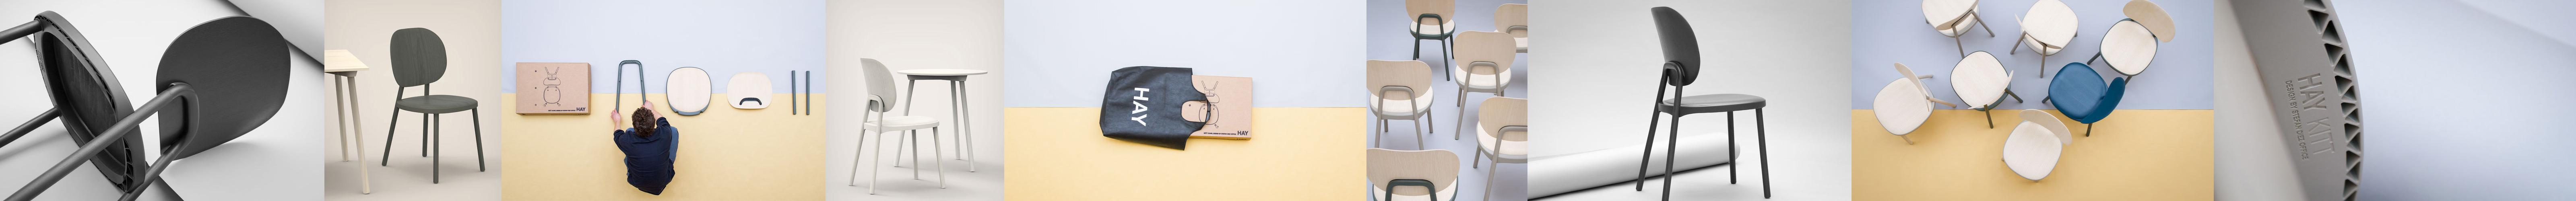 Bilderstrecke zum Kitt Chair von Stefan Diez für Hay